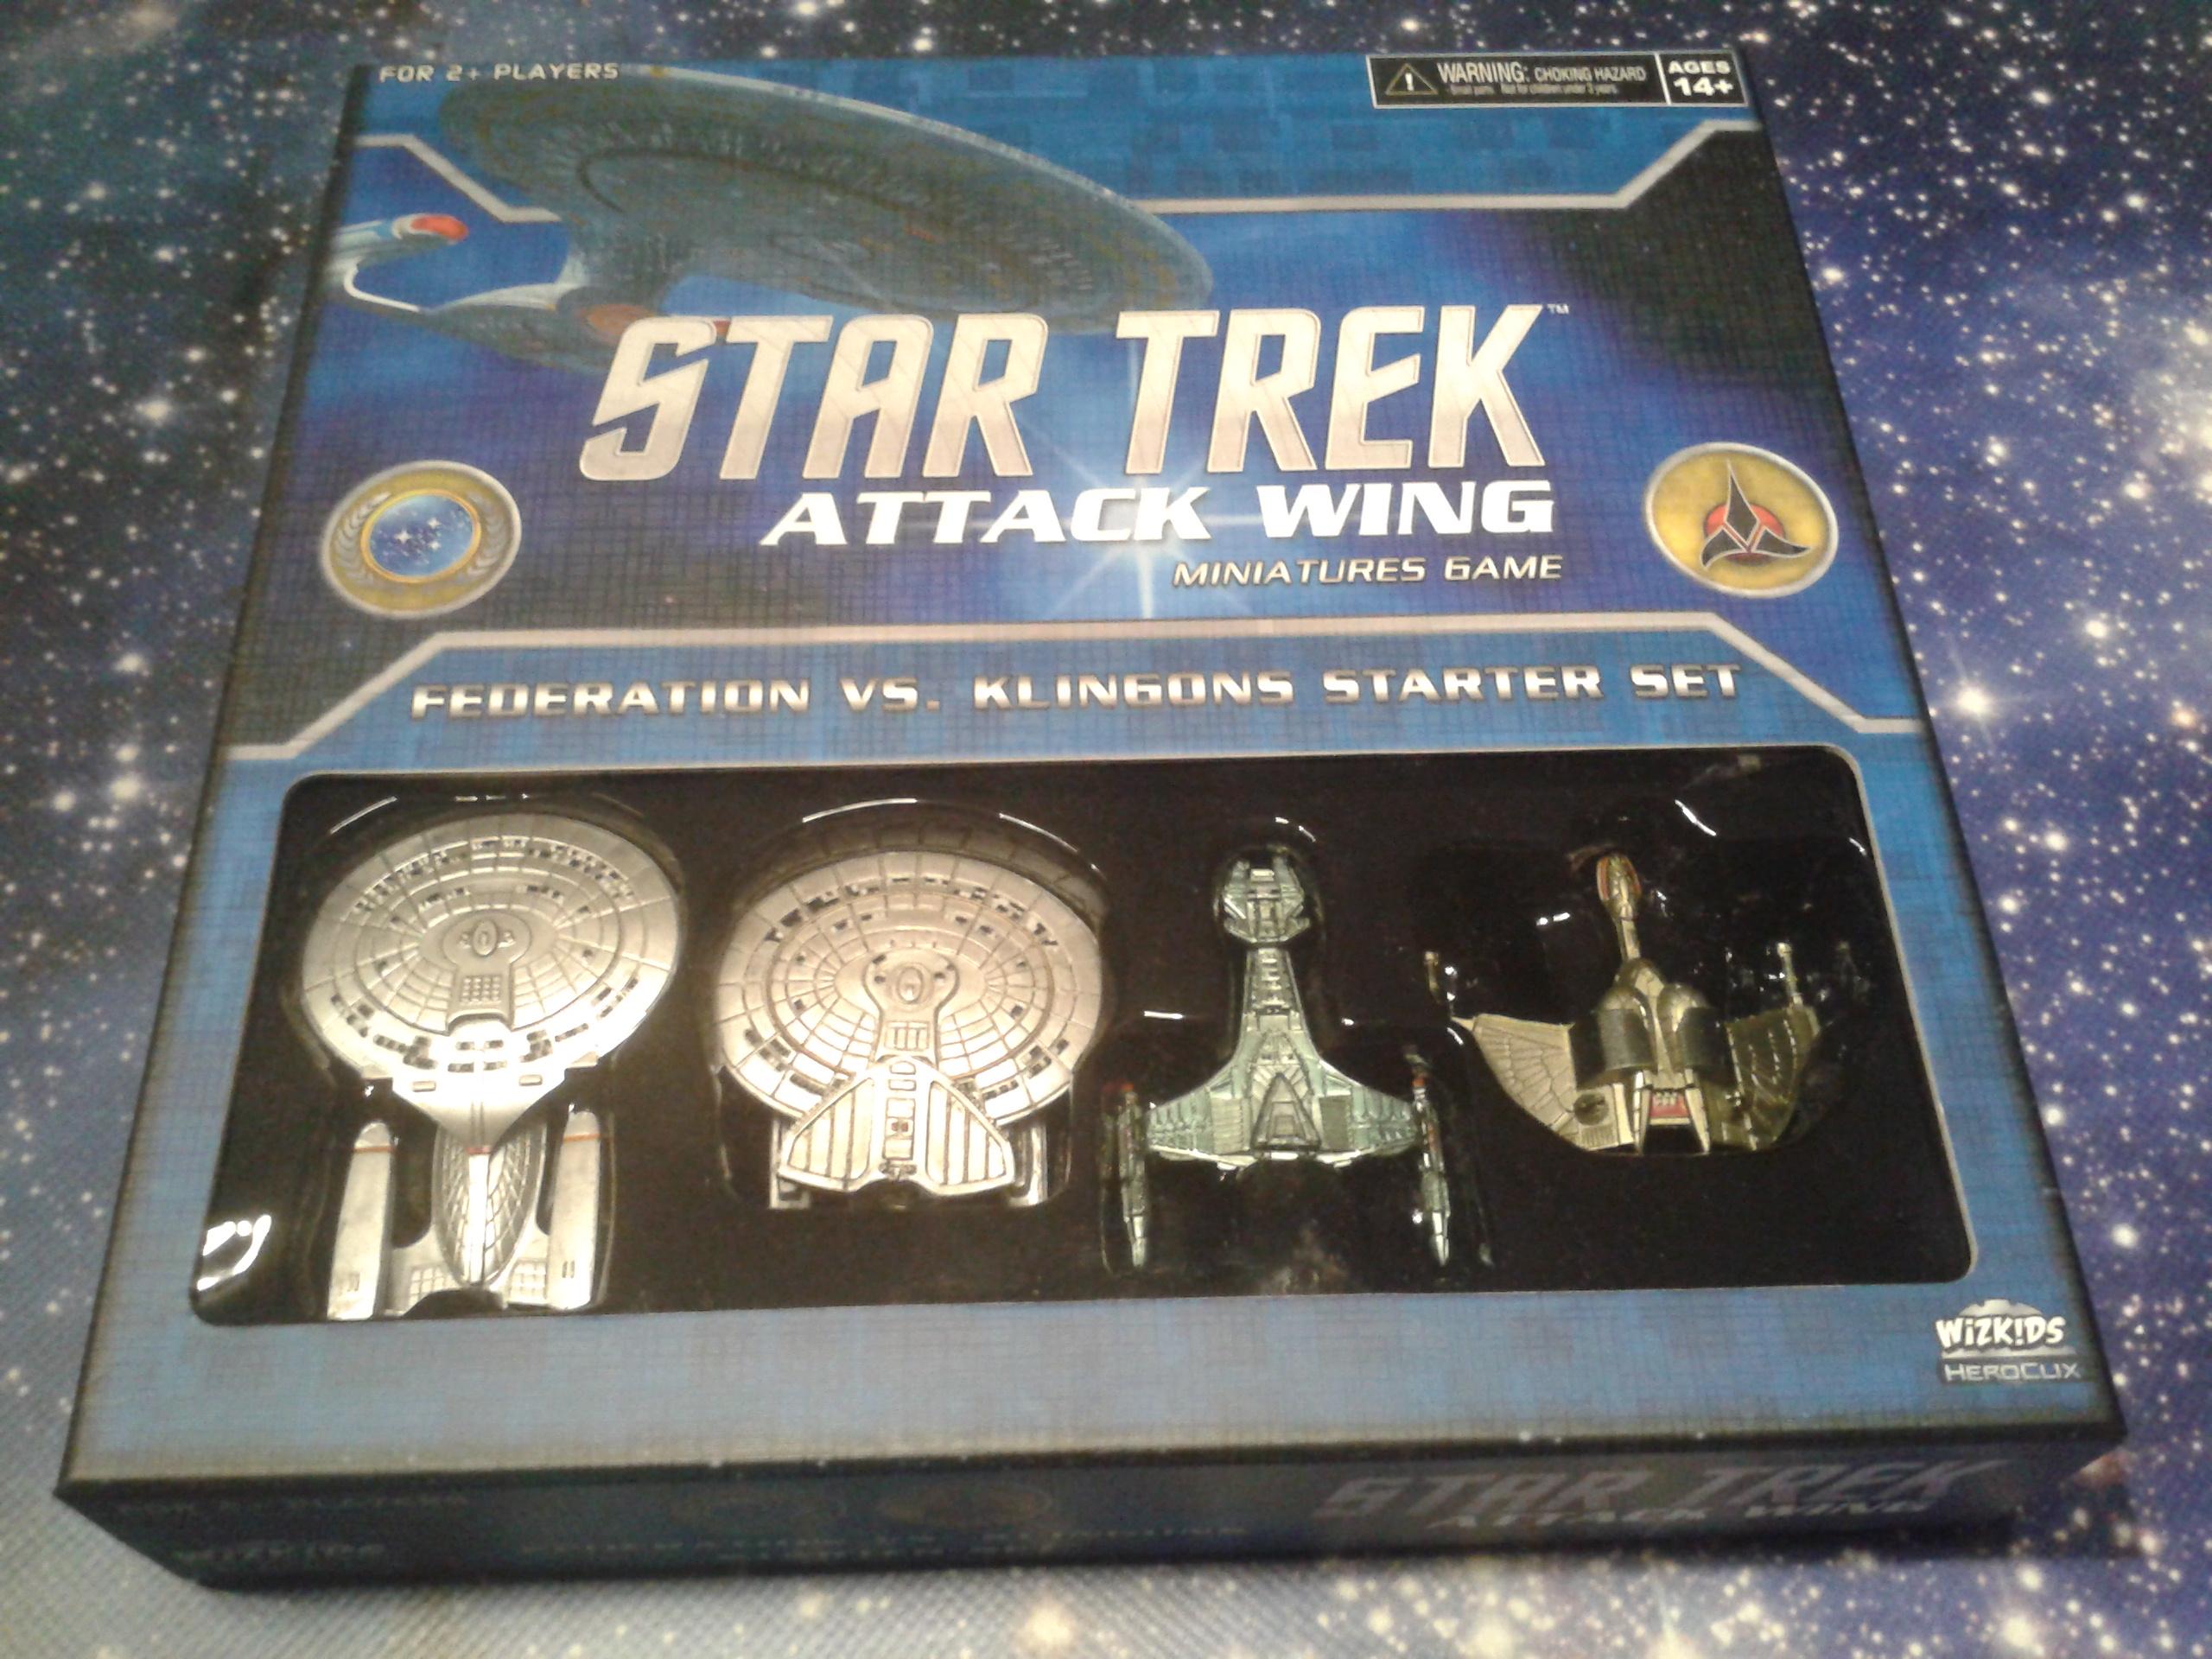 (Star Trek Attack Wing auf) Weiterspielen.net - Seite 33 20180223_201819